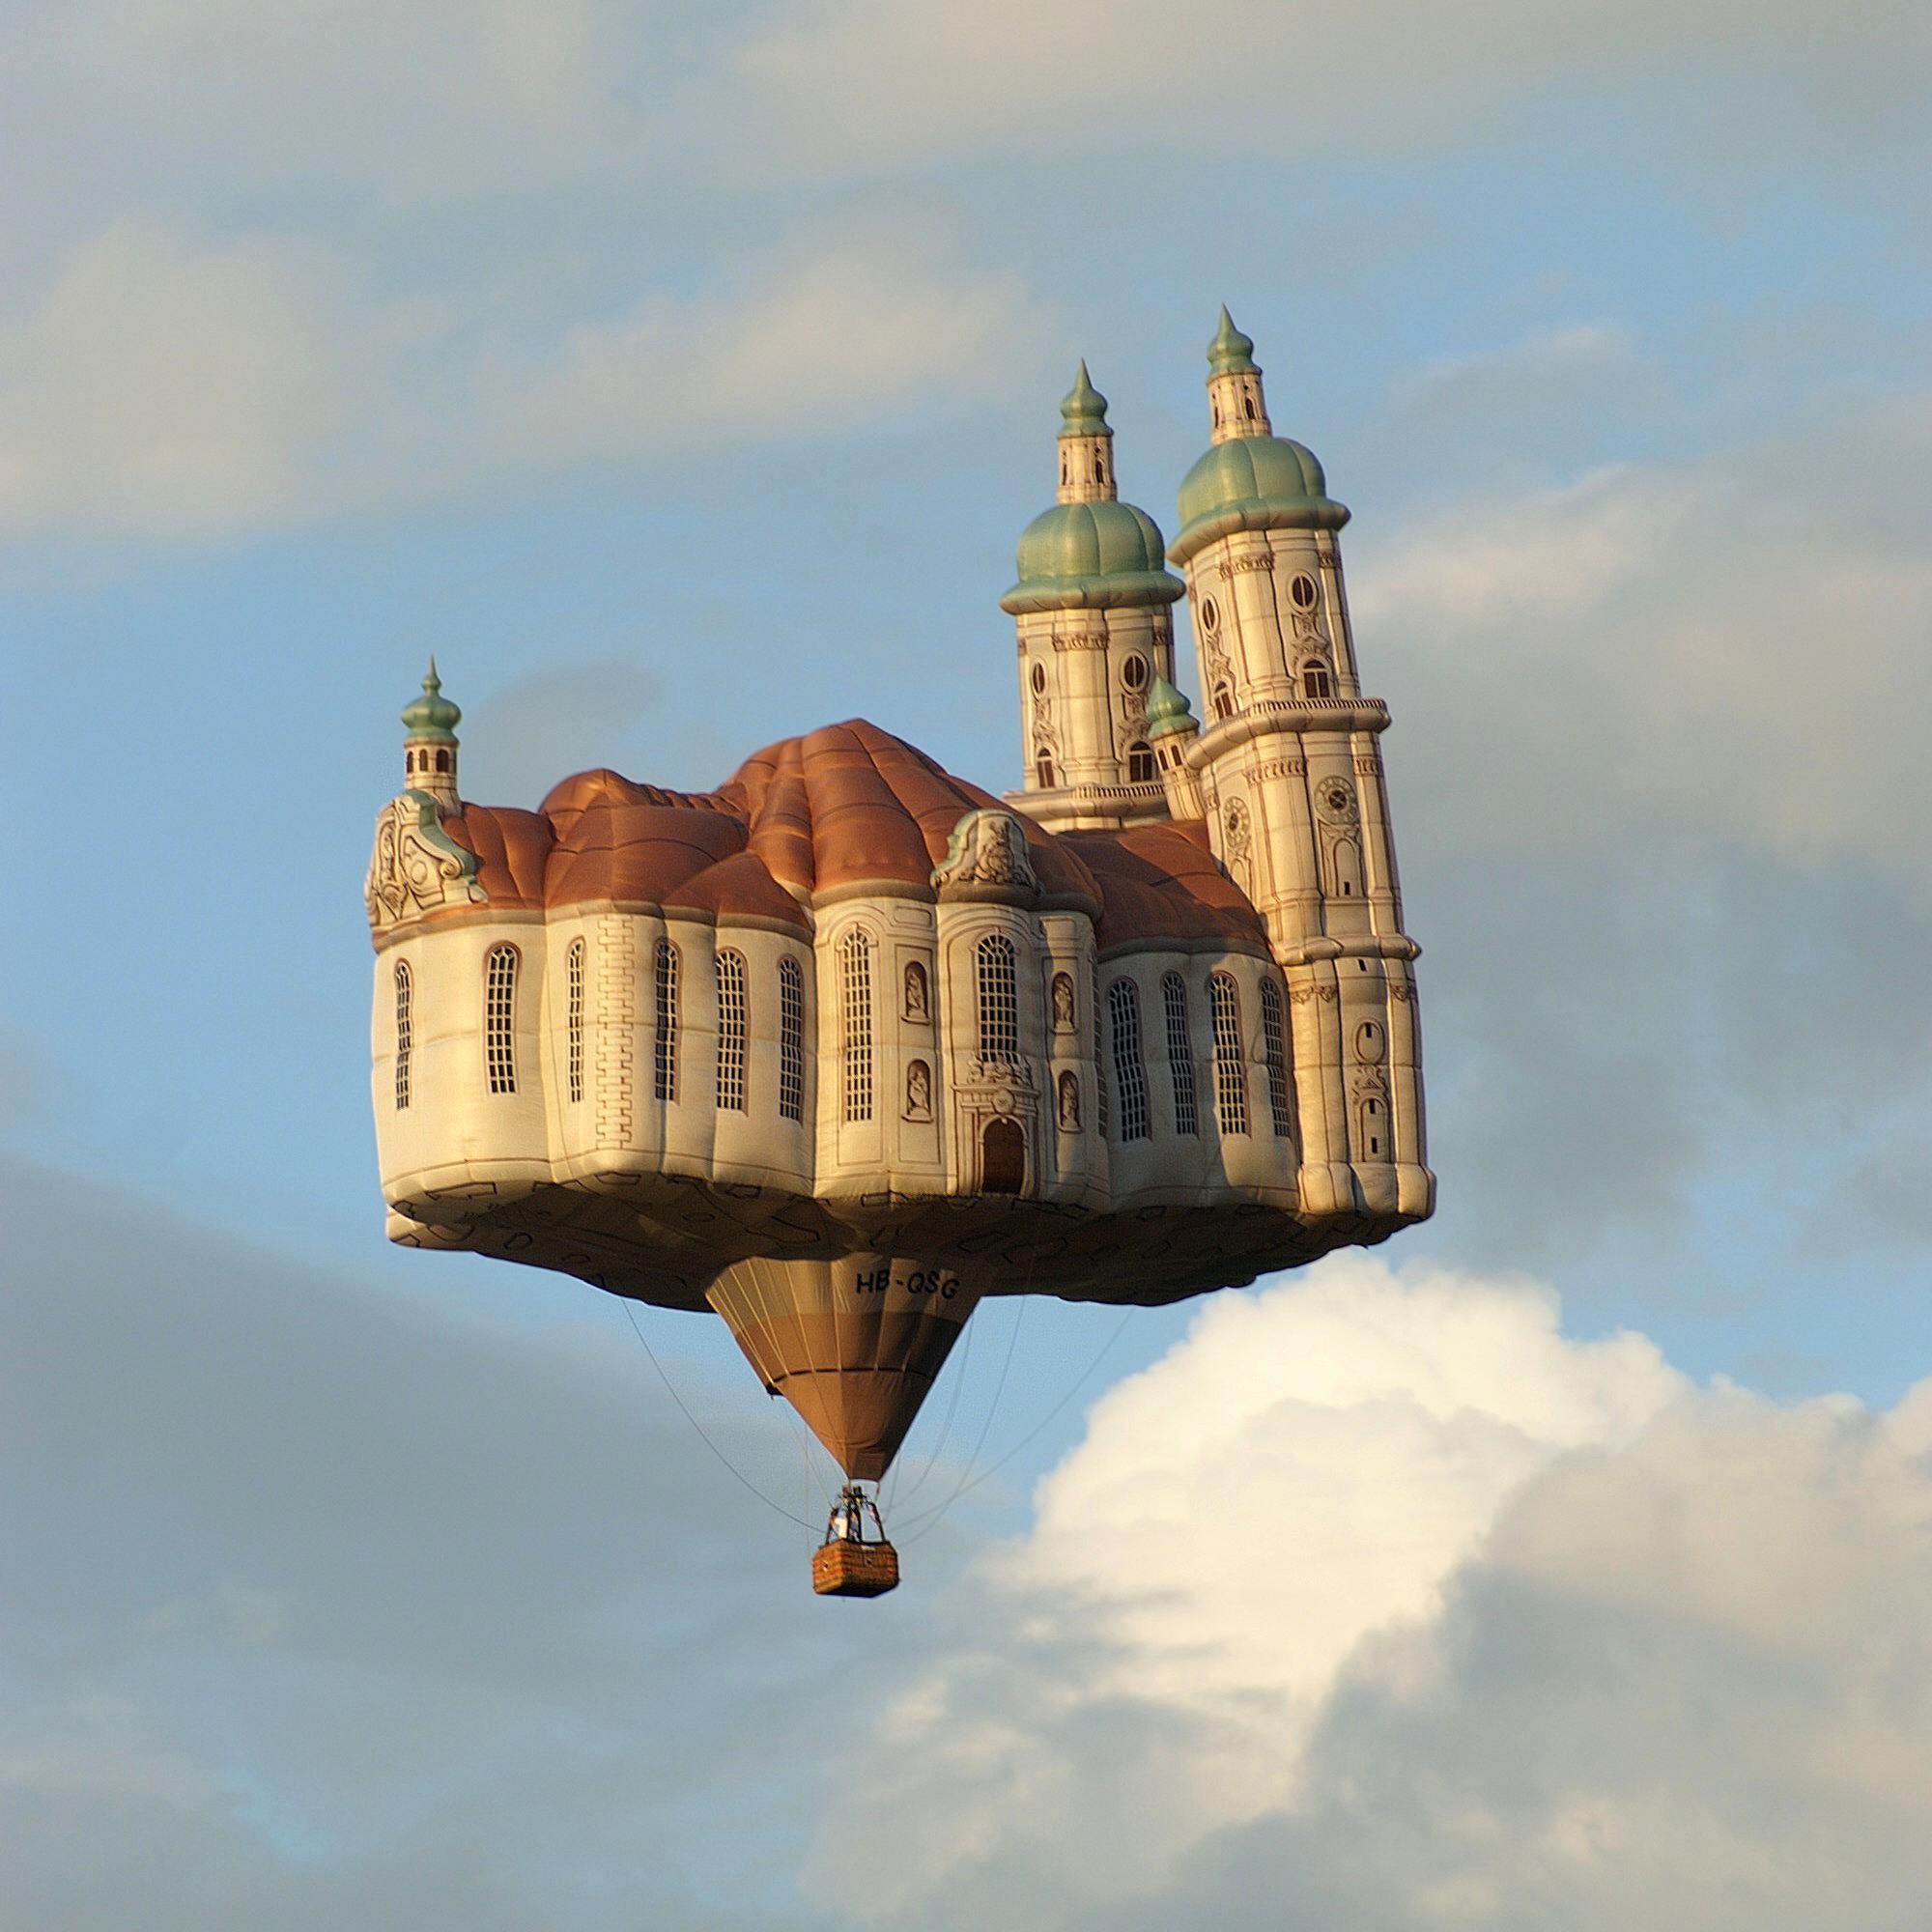 [画像] リアルすぎるバルーンアート、空を飛ぶ domestic